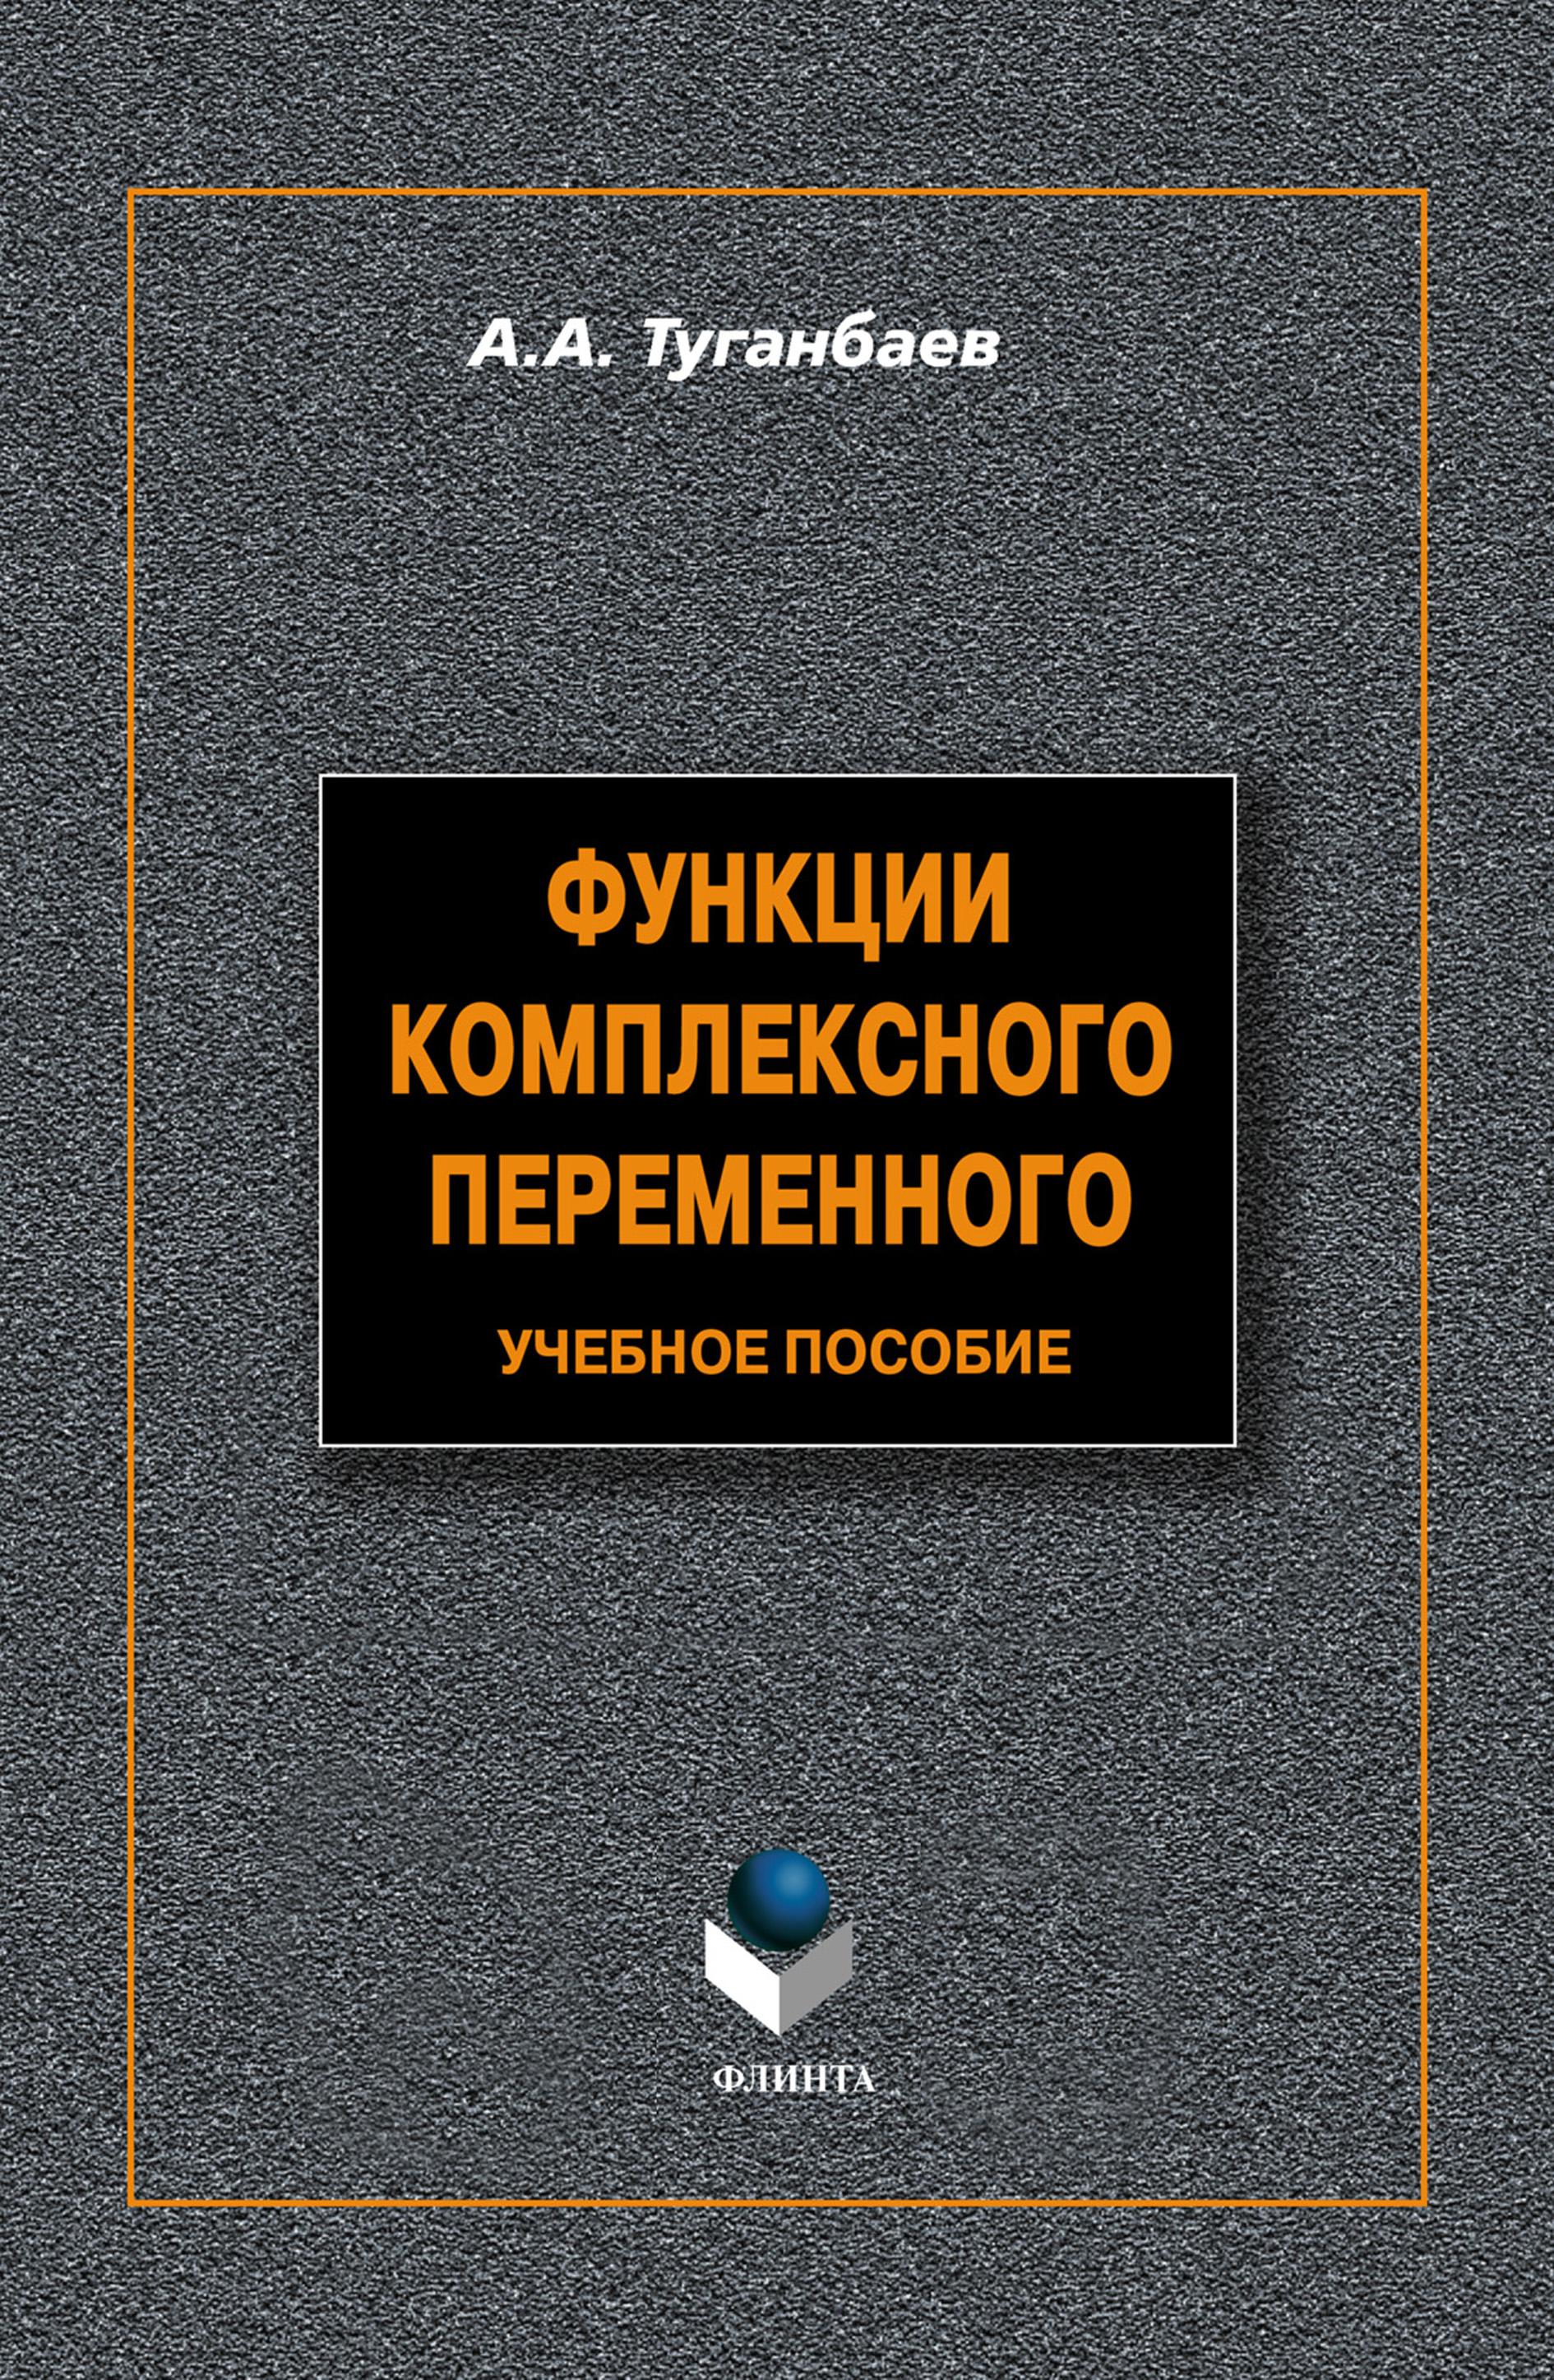 А. А. Туганбаев Функции комплексного переменного. Учебное пособие